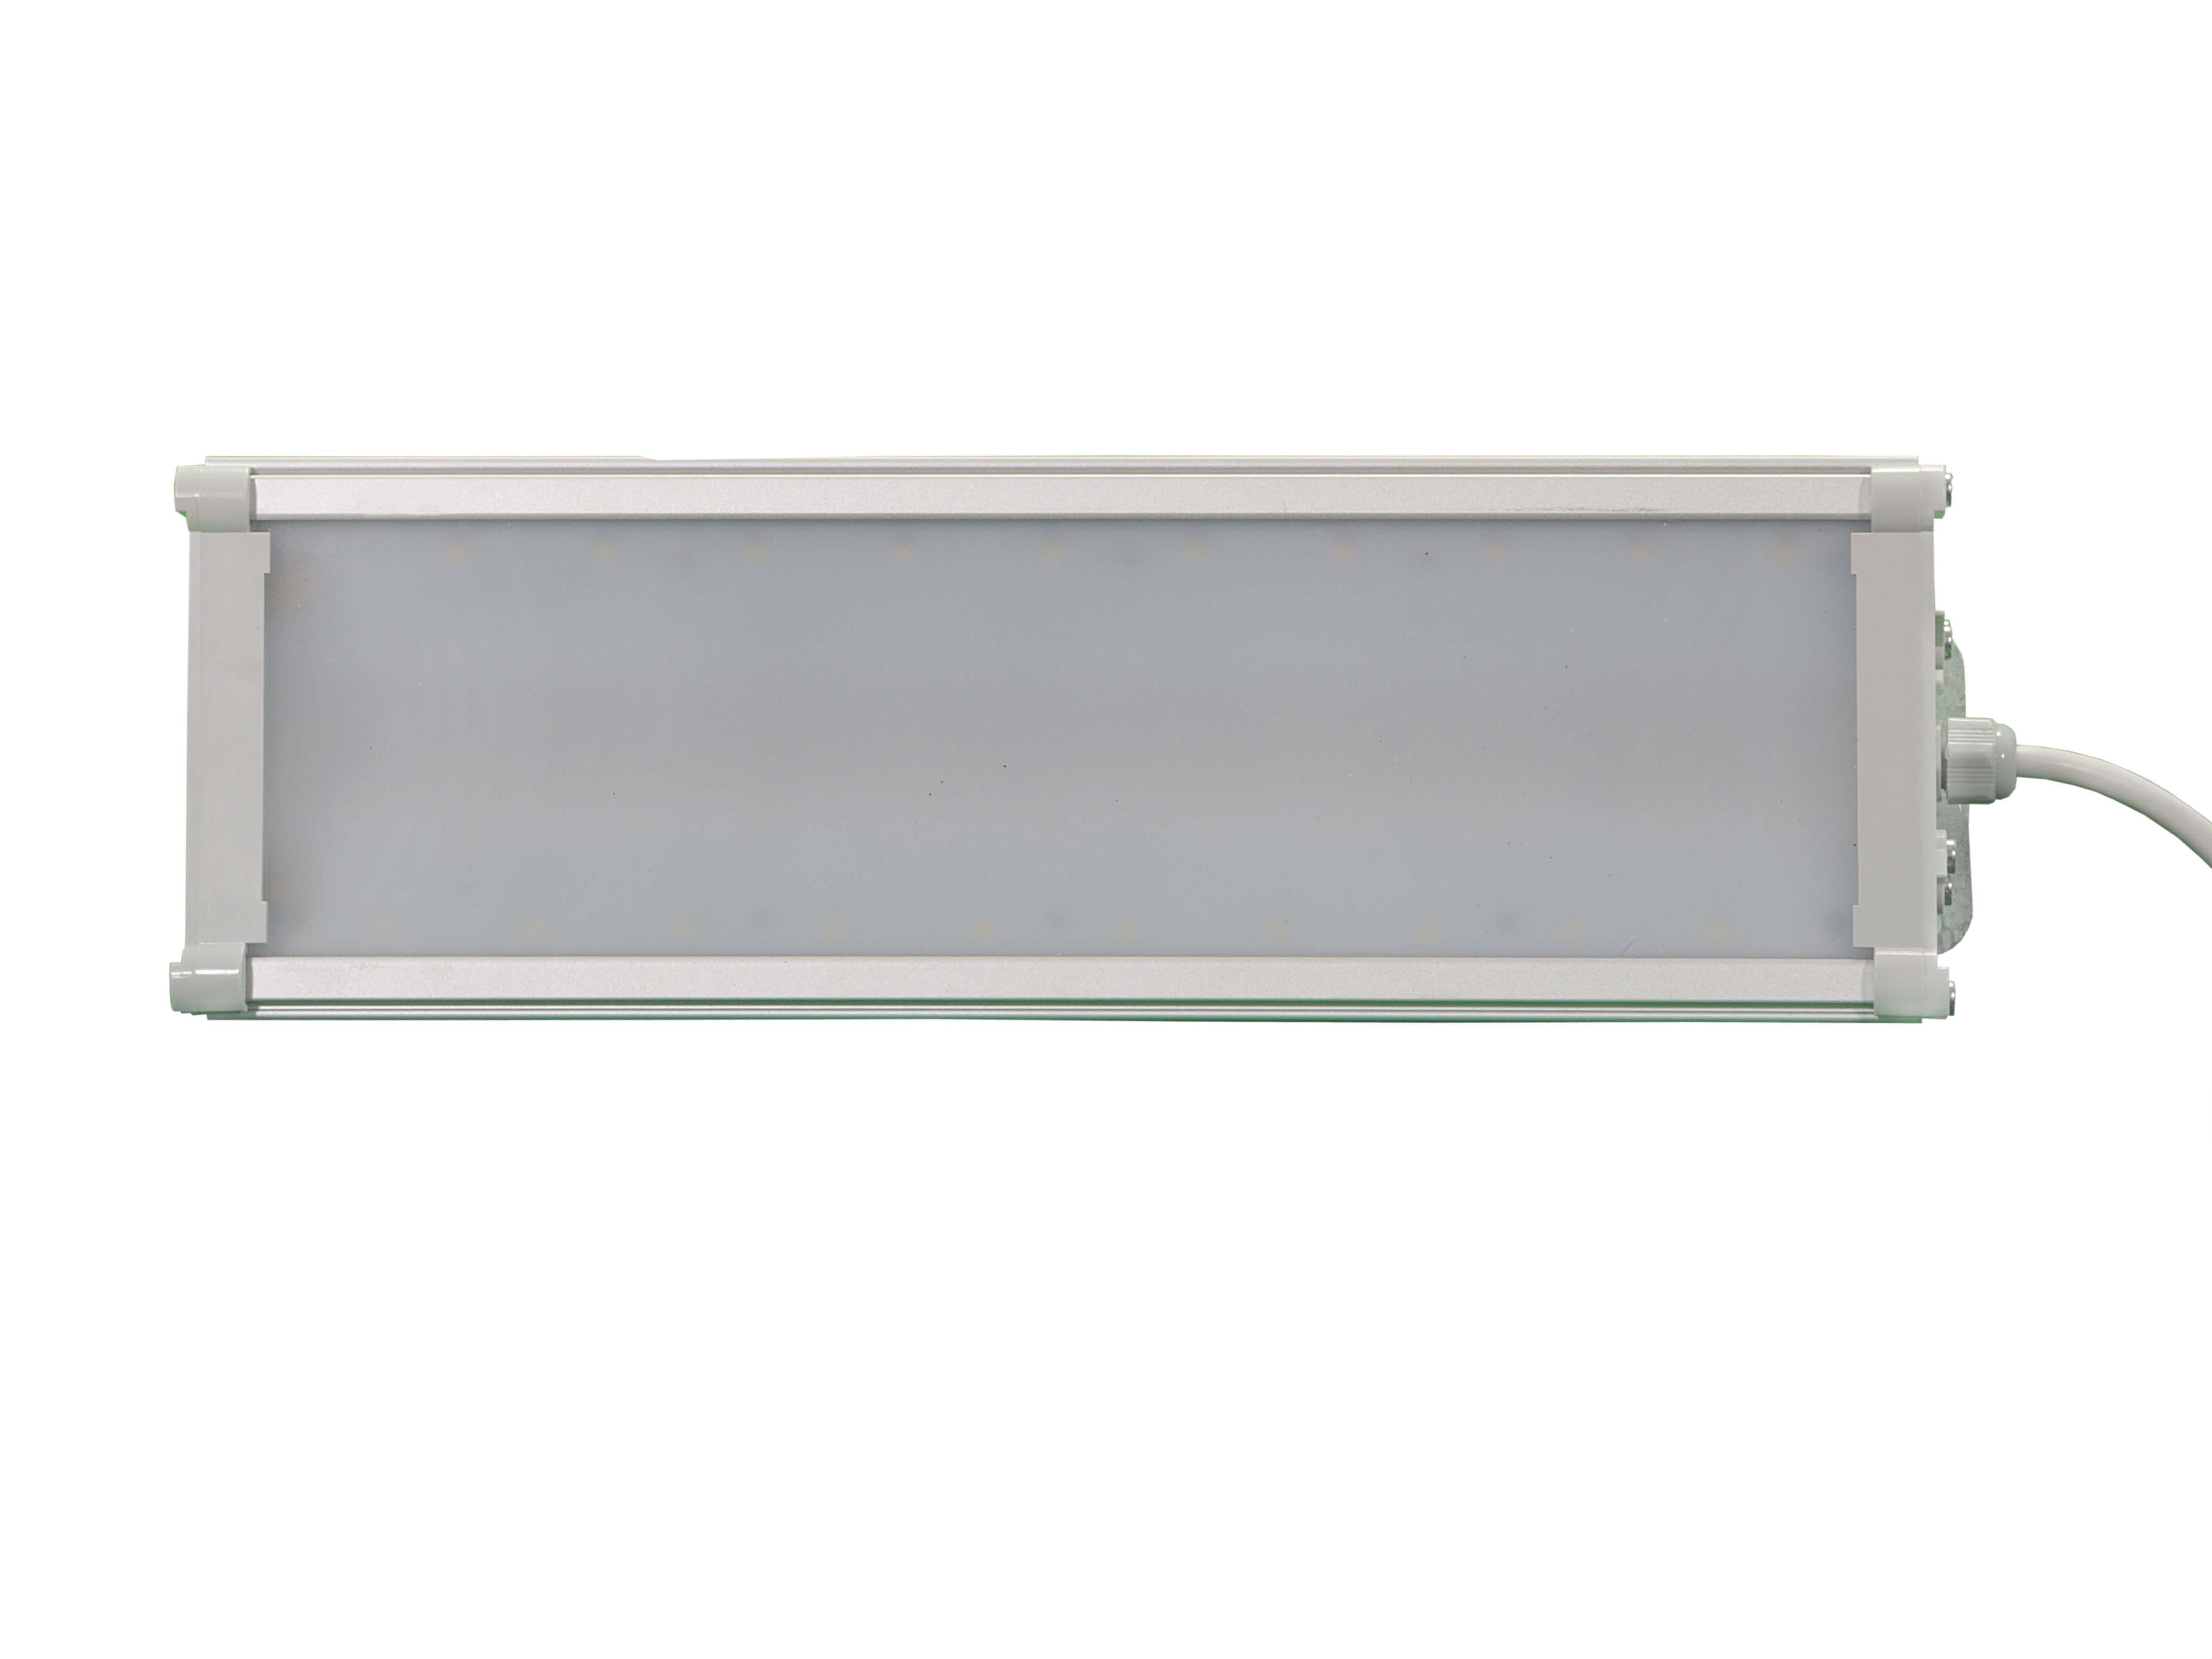 Промышленный светодиодный светильник ДСП-Алюм-44 Стандарт 44Вт 4171Лм